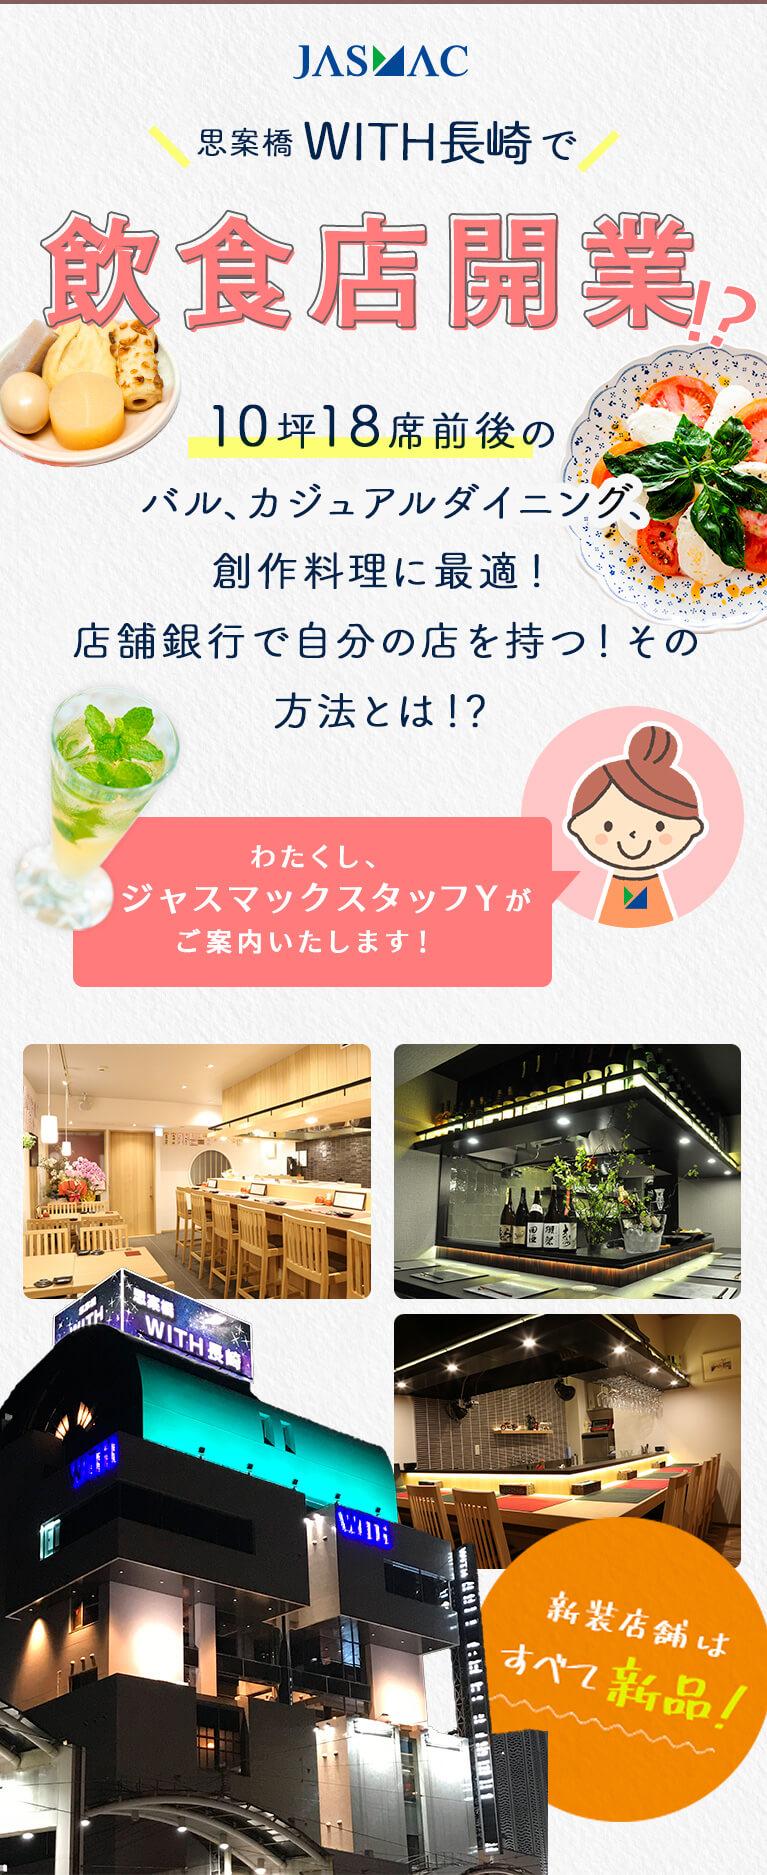 長崎 会員 制 飲食 店